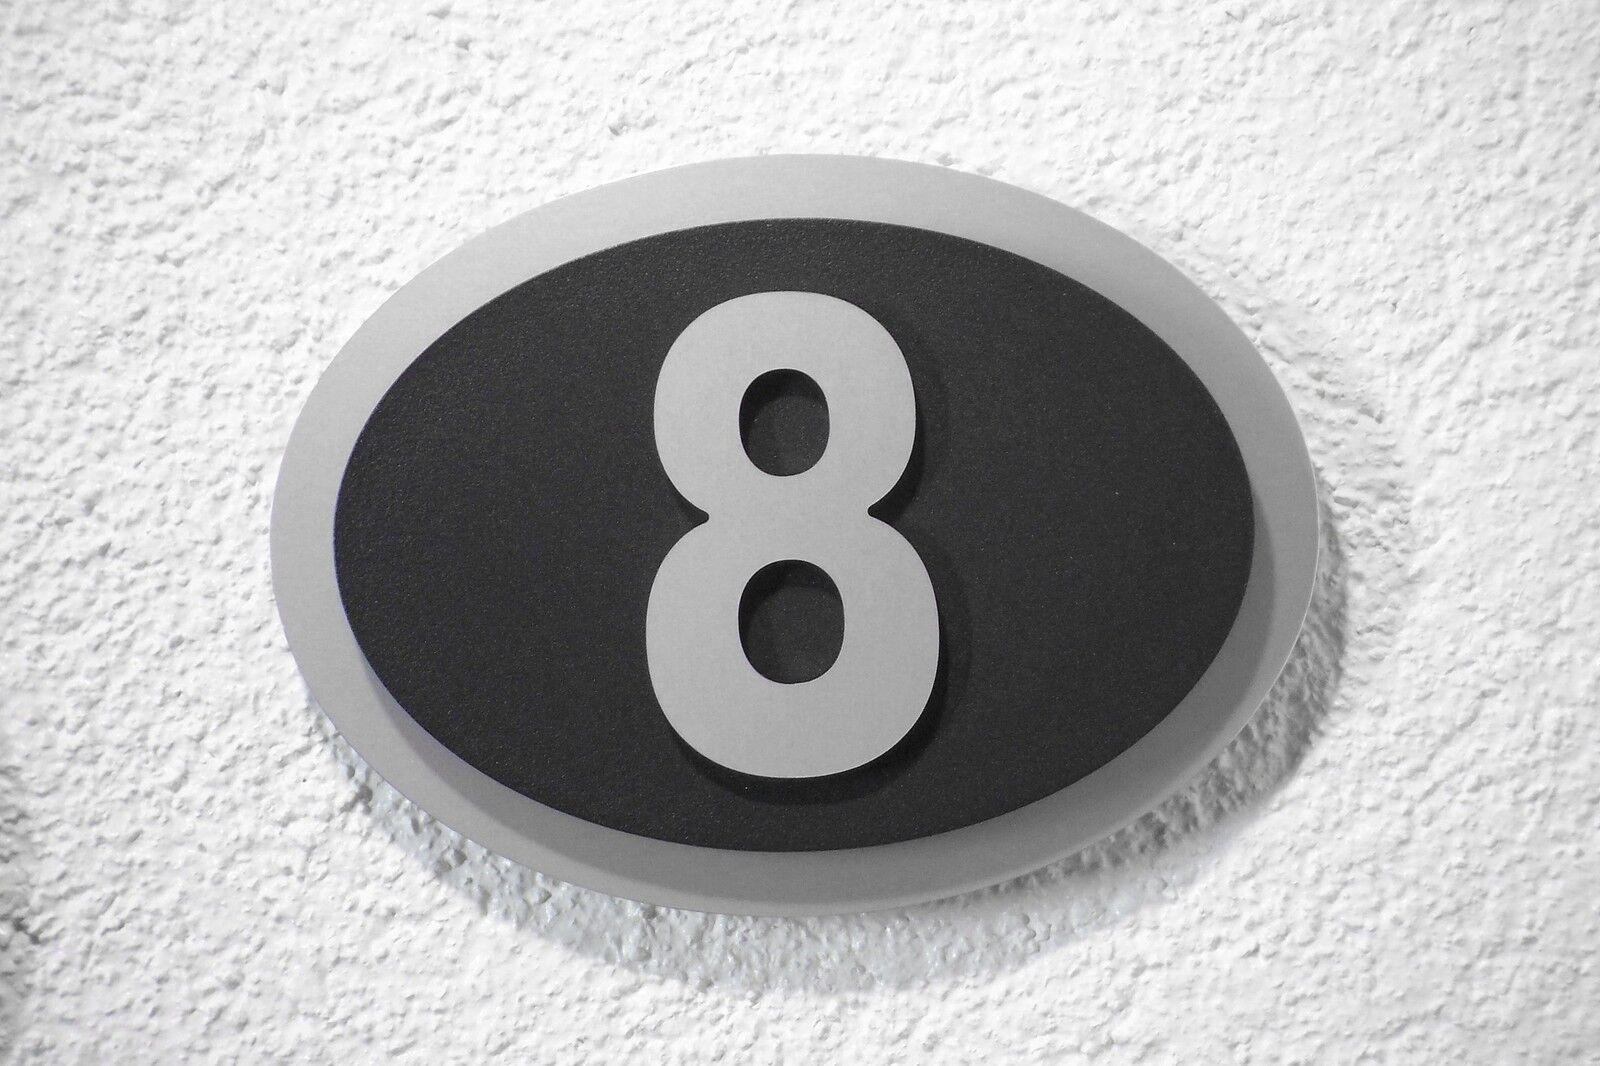 Hausnummer Design Galaxy Silber schwarz Zahl 1- 9 aus aus aus 10 Schriftarten zur Wahl   Einfach zu bedienen    Angemessener Preis    Züchtungen Eingeführt Werden Eine Nach Der Anderen  c00df5